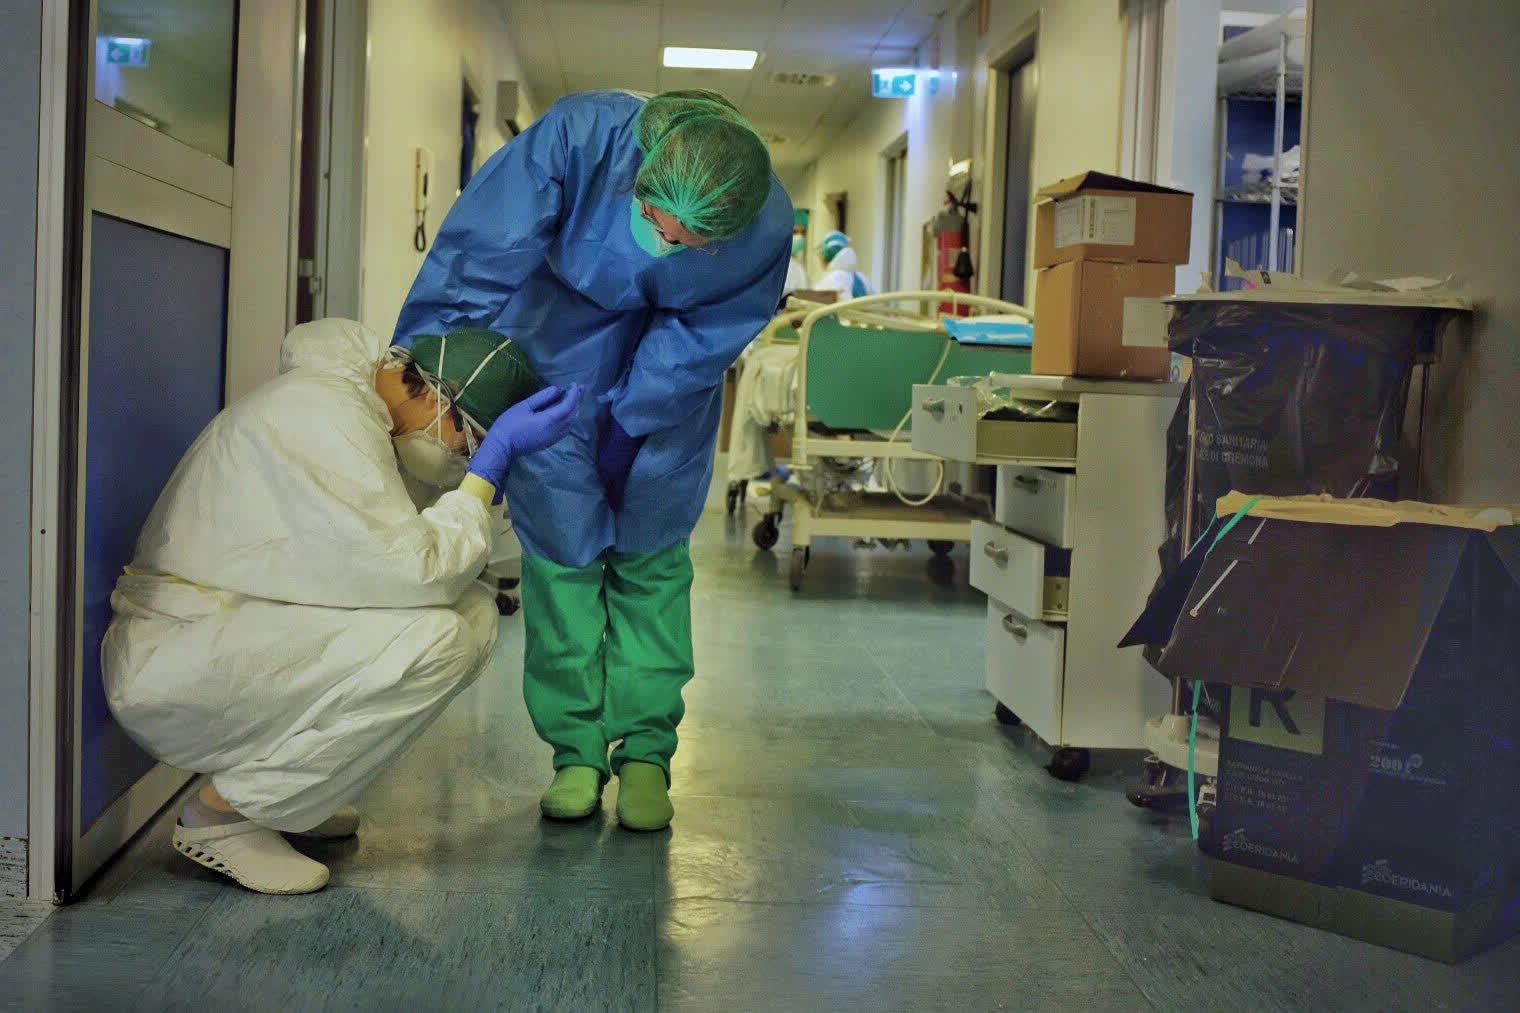 3 дугаар сарын 13: Италийн Кремона дахь эмнэлгийн сувилагчийн сэтгэл эмзэглэм агшин...  /By Paolo Miranda/